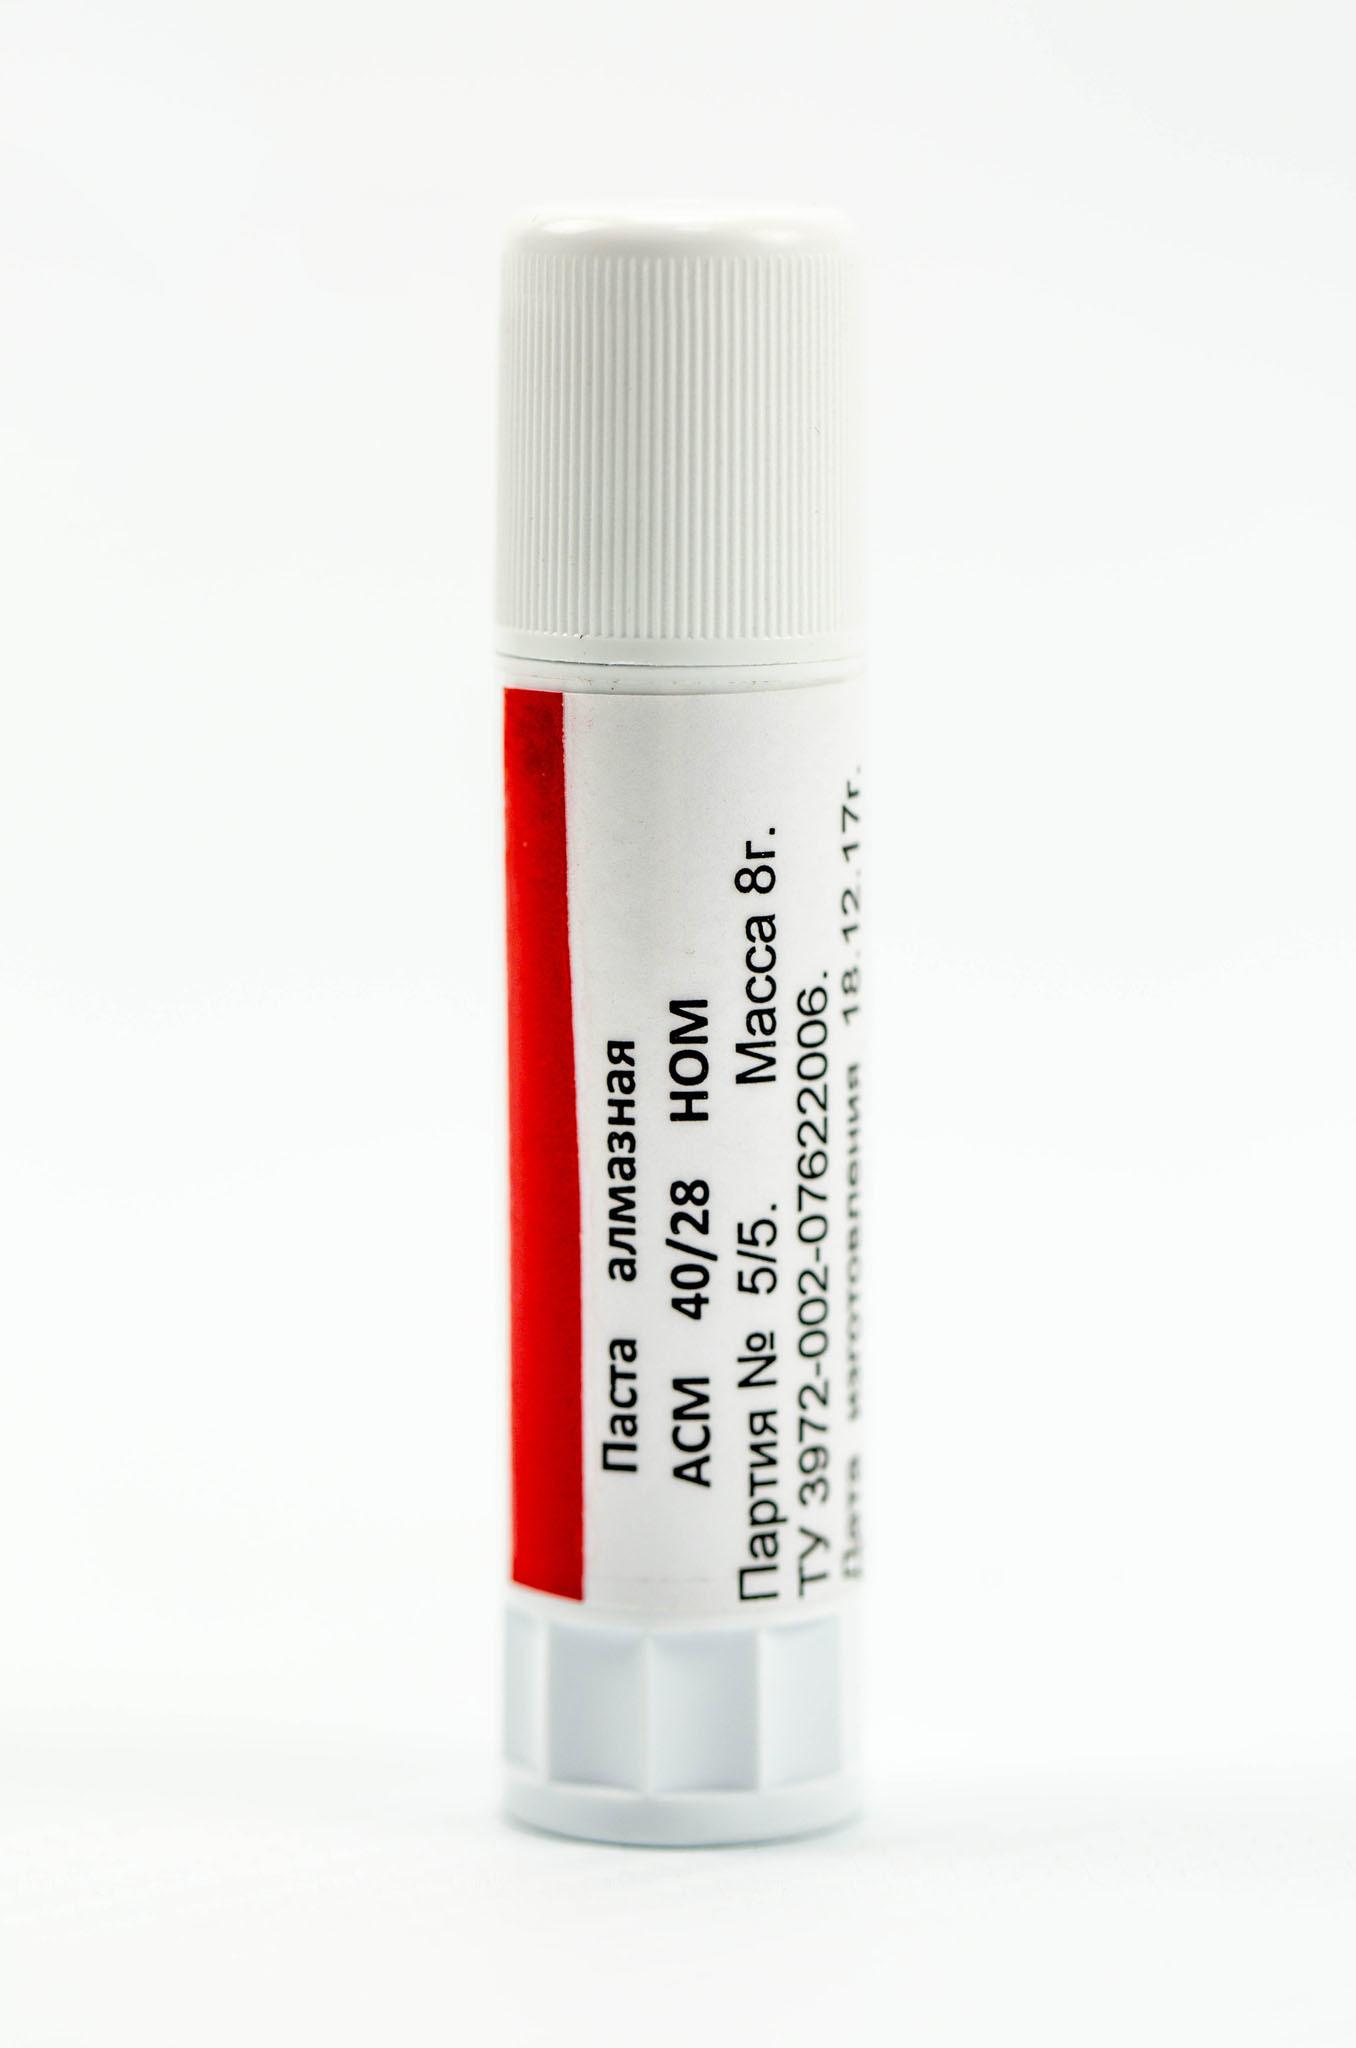 Алмазная паста HOM ACM 40/28, 8 гр. от Веневский  завод алмазных инструментов